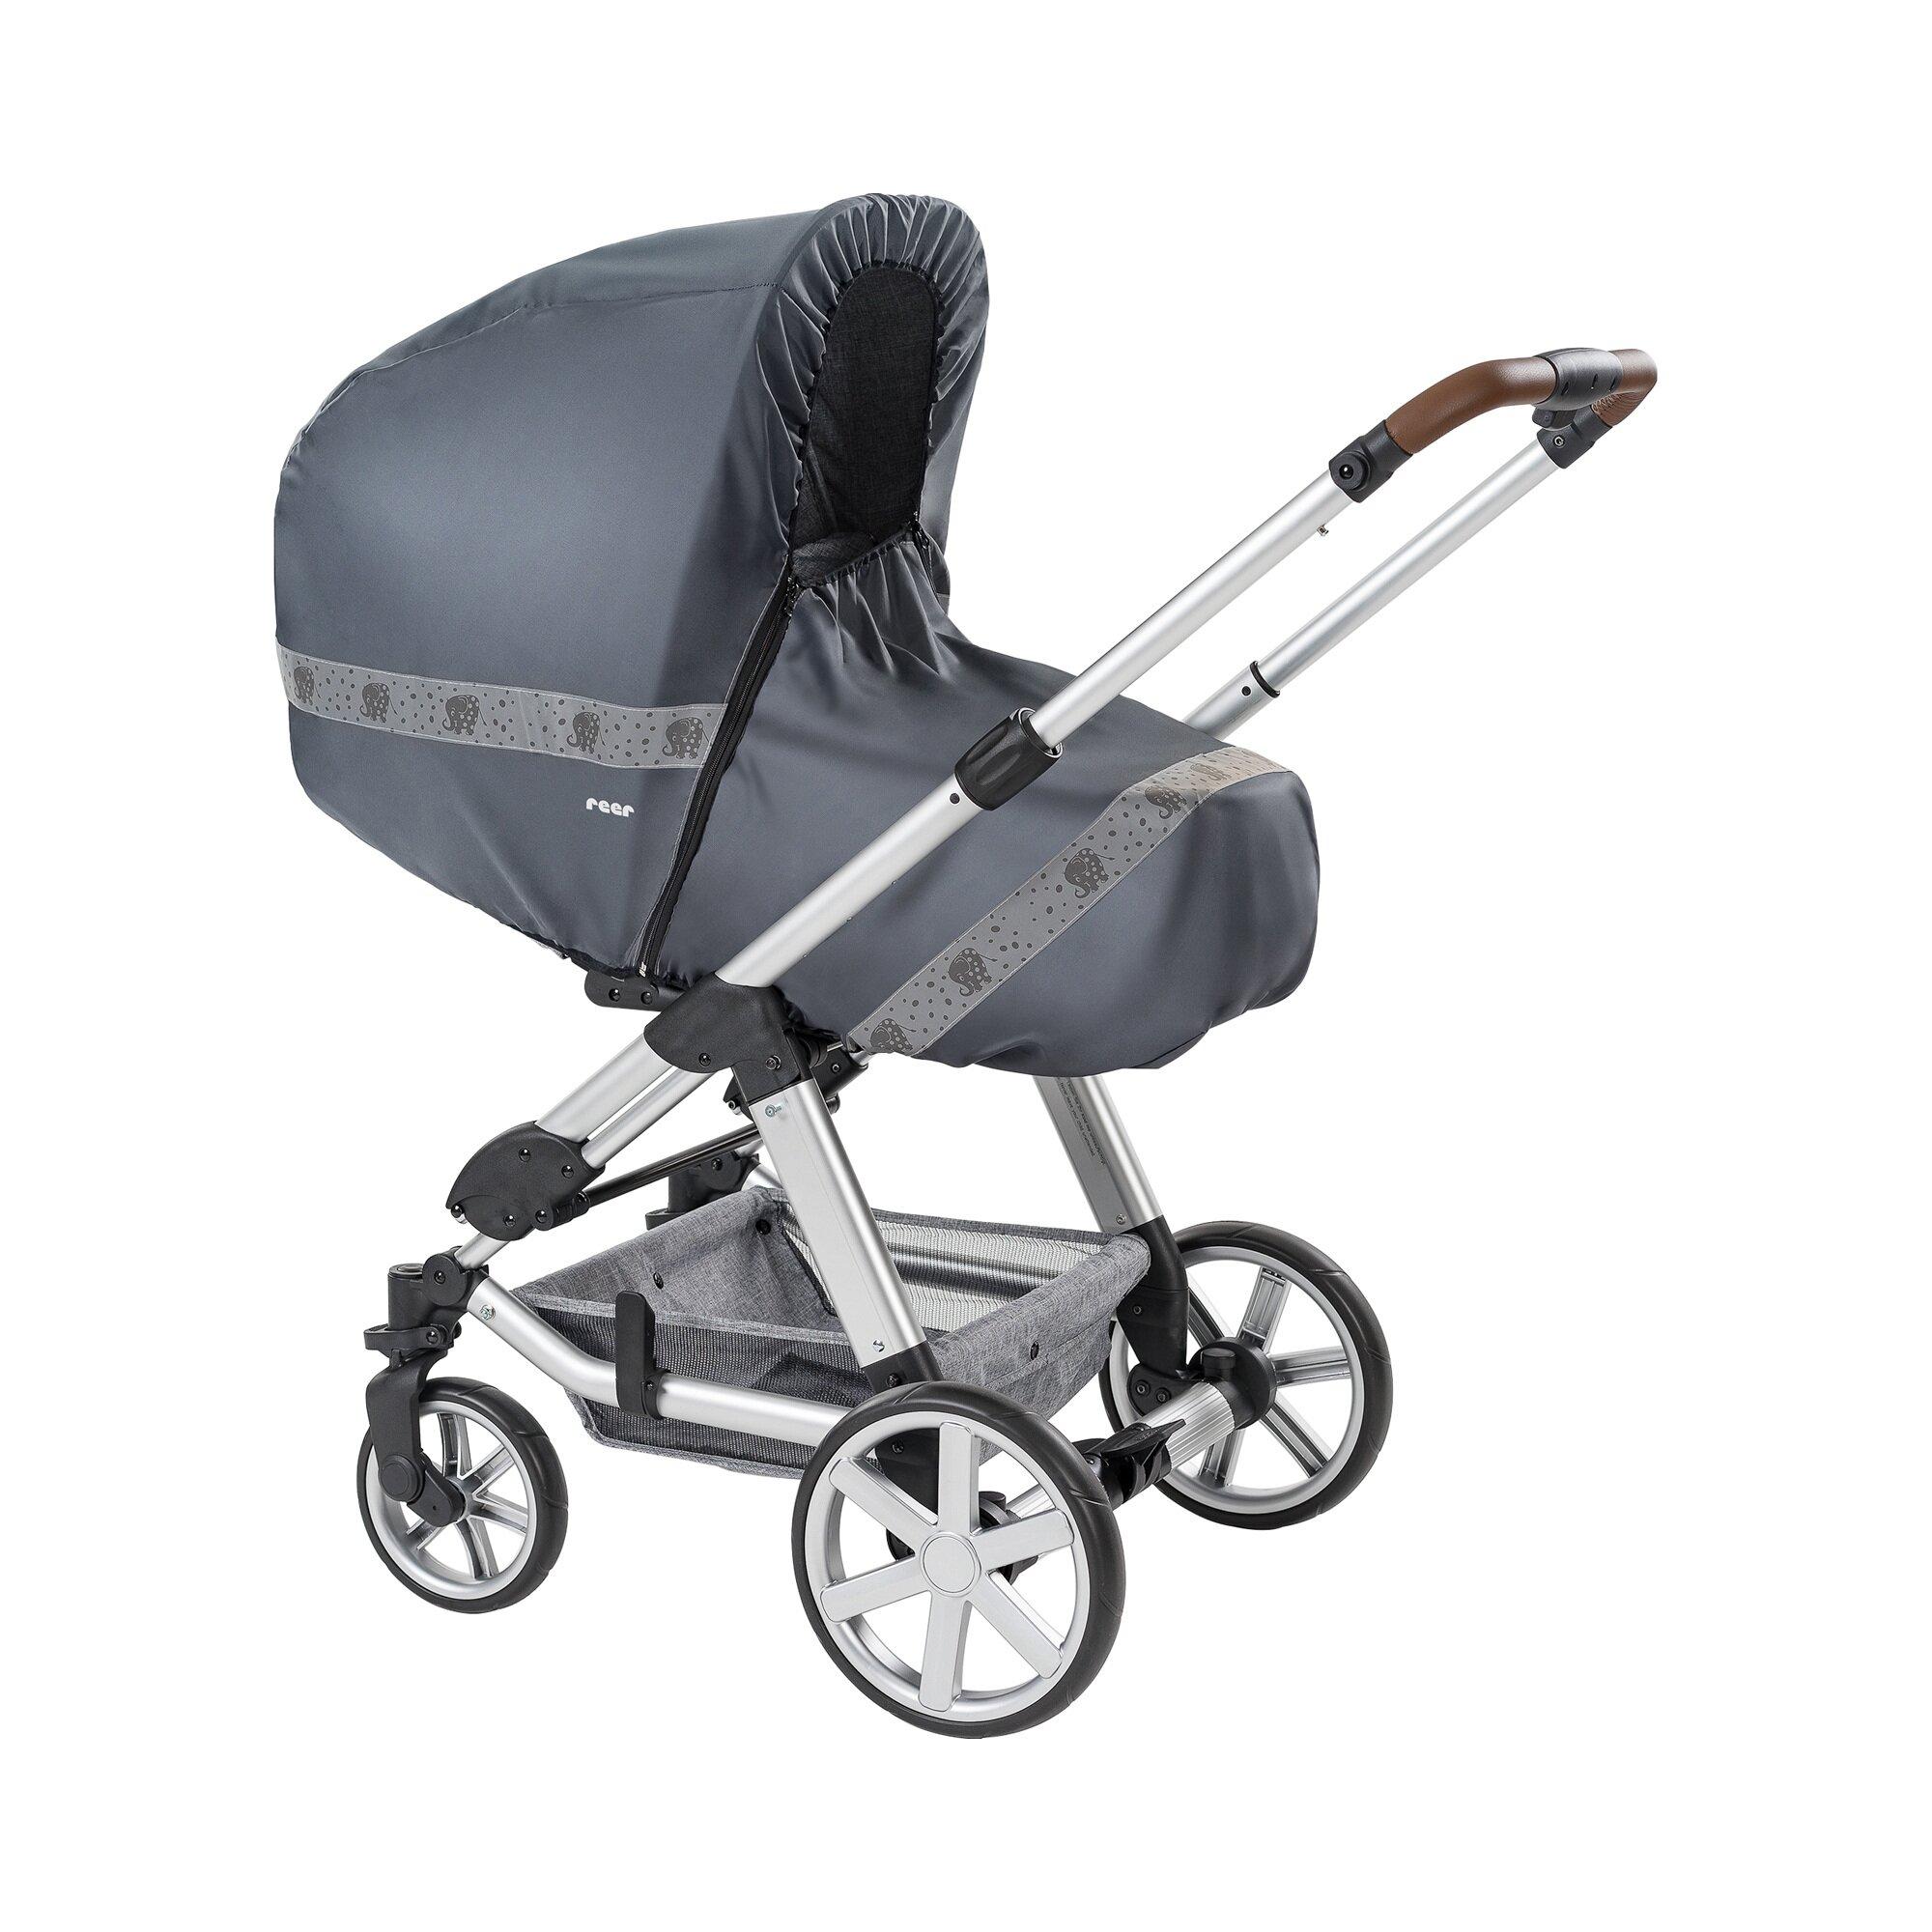 Reer Regenschutz RainSafe Classic+ für Kinderwagen grau